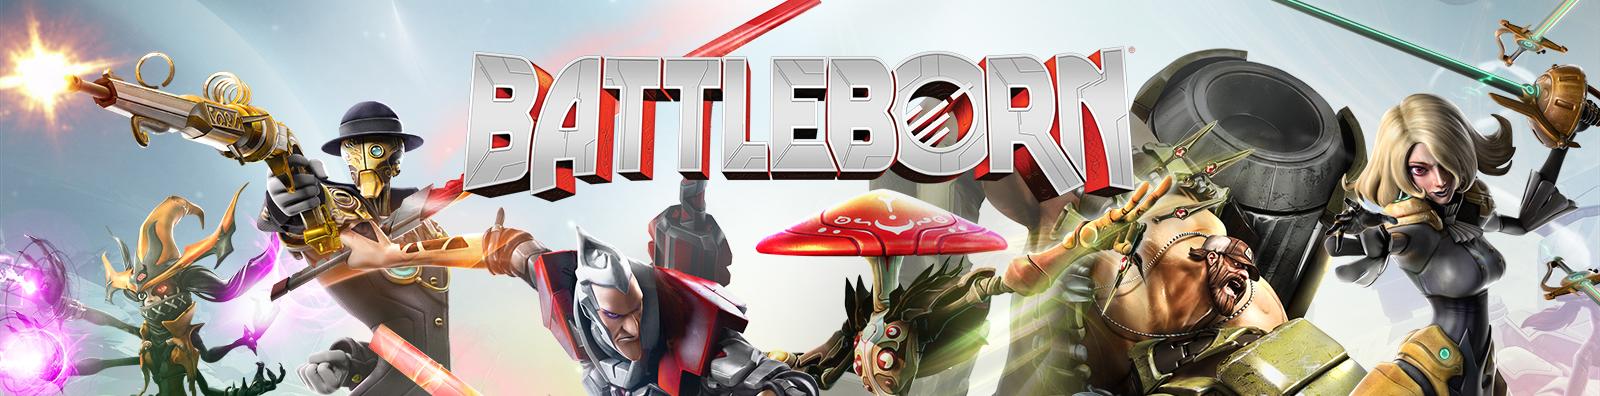 Battleborn-sale-01